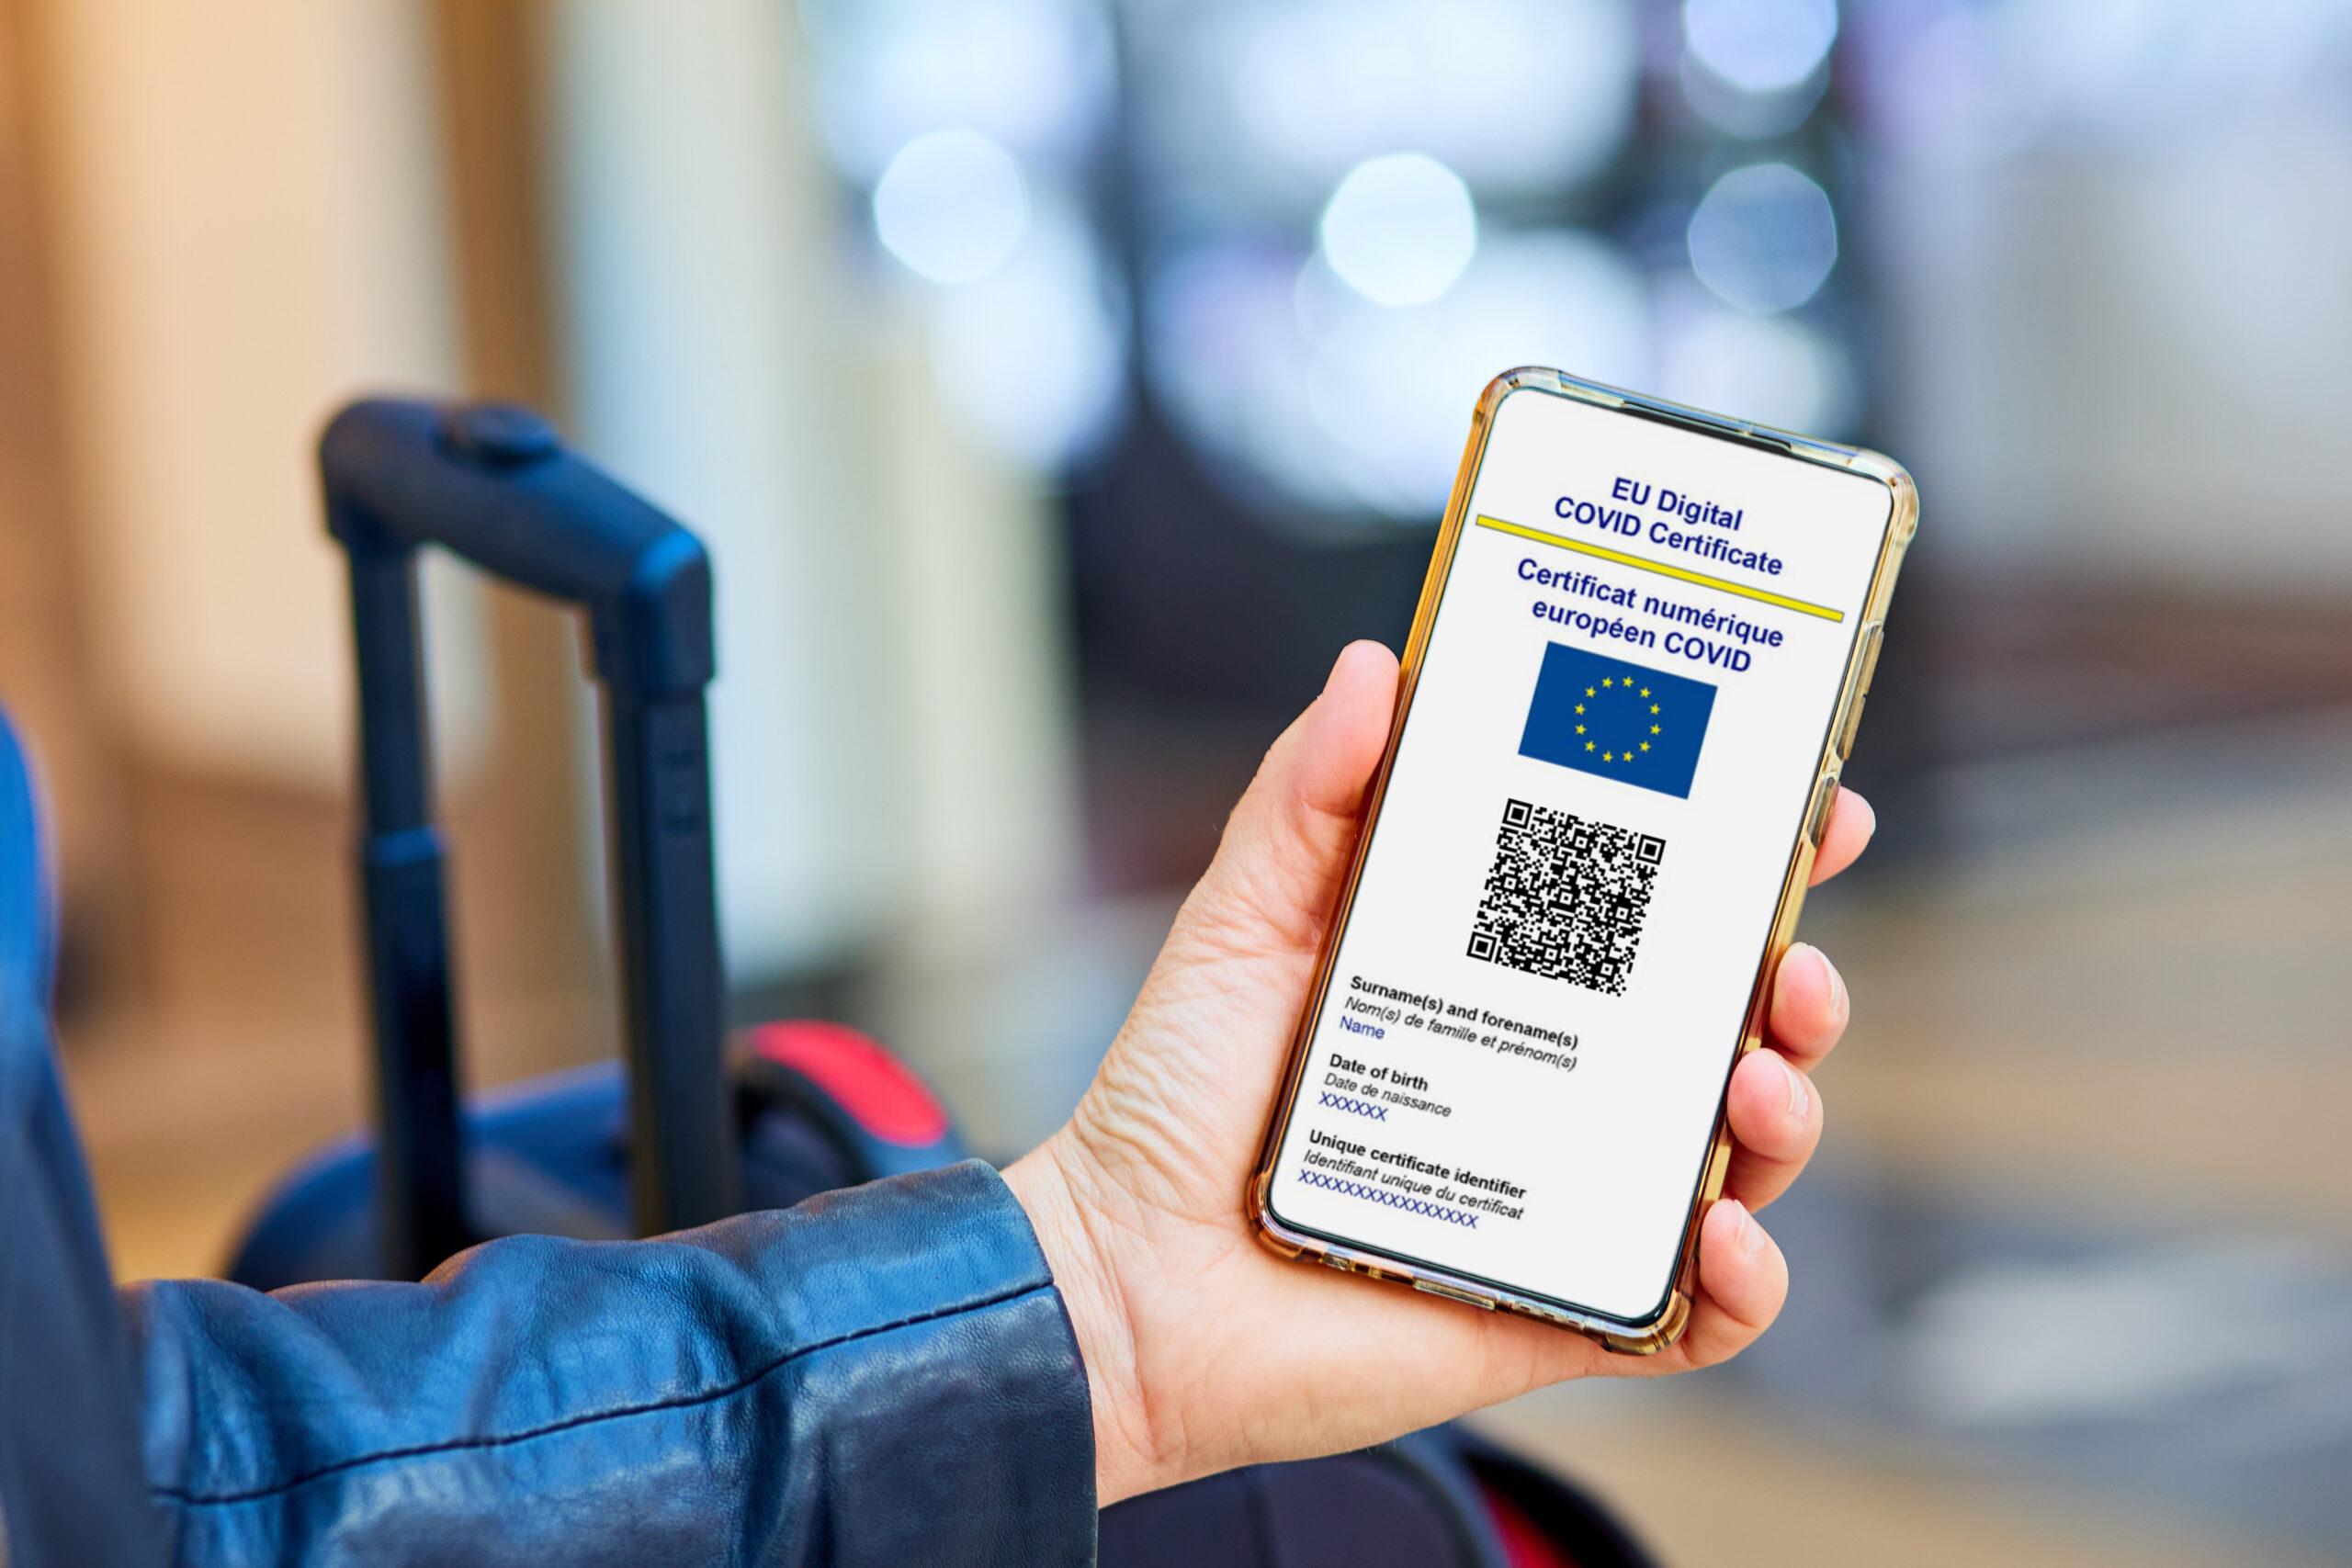 Schimbări majore pentru români! De vineri, trecerea frontierelor se va face doar cu certificatele digitale